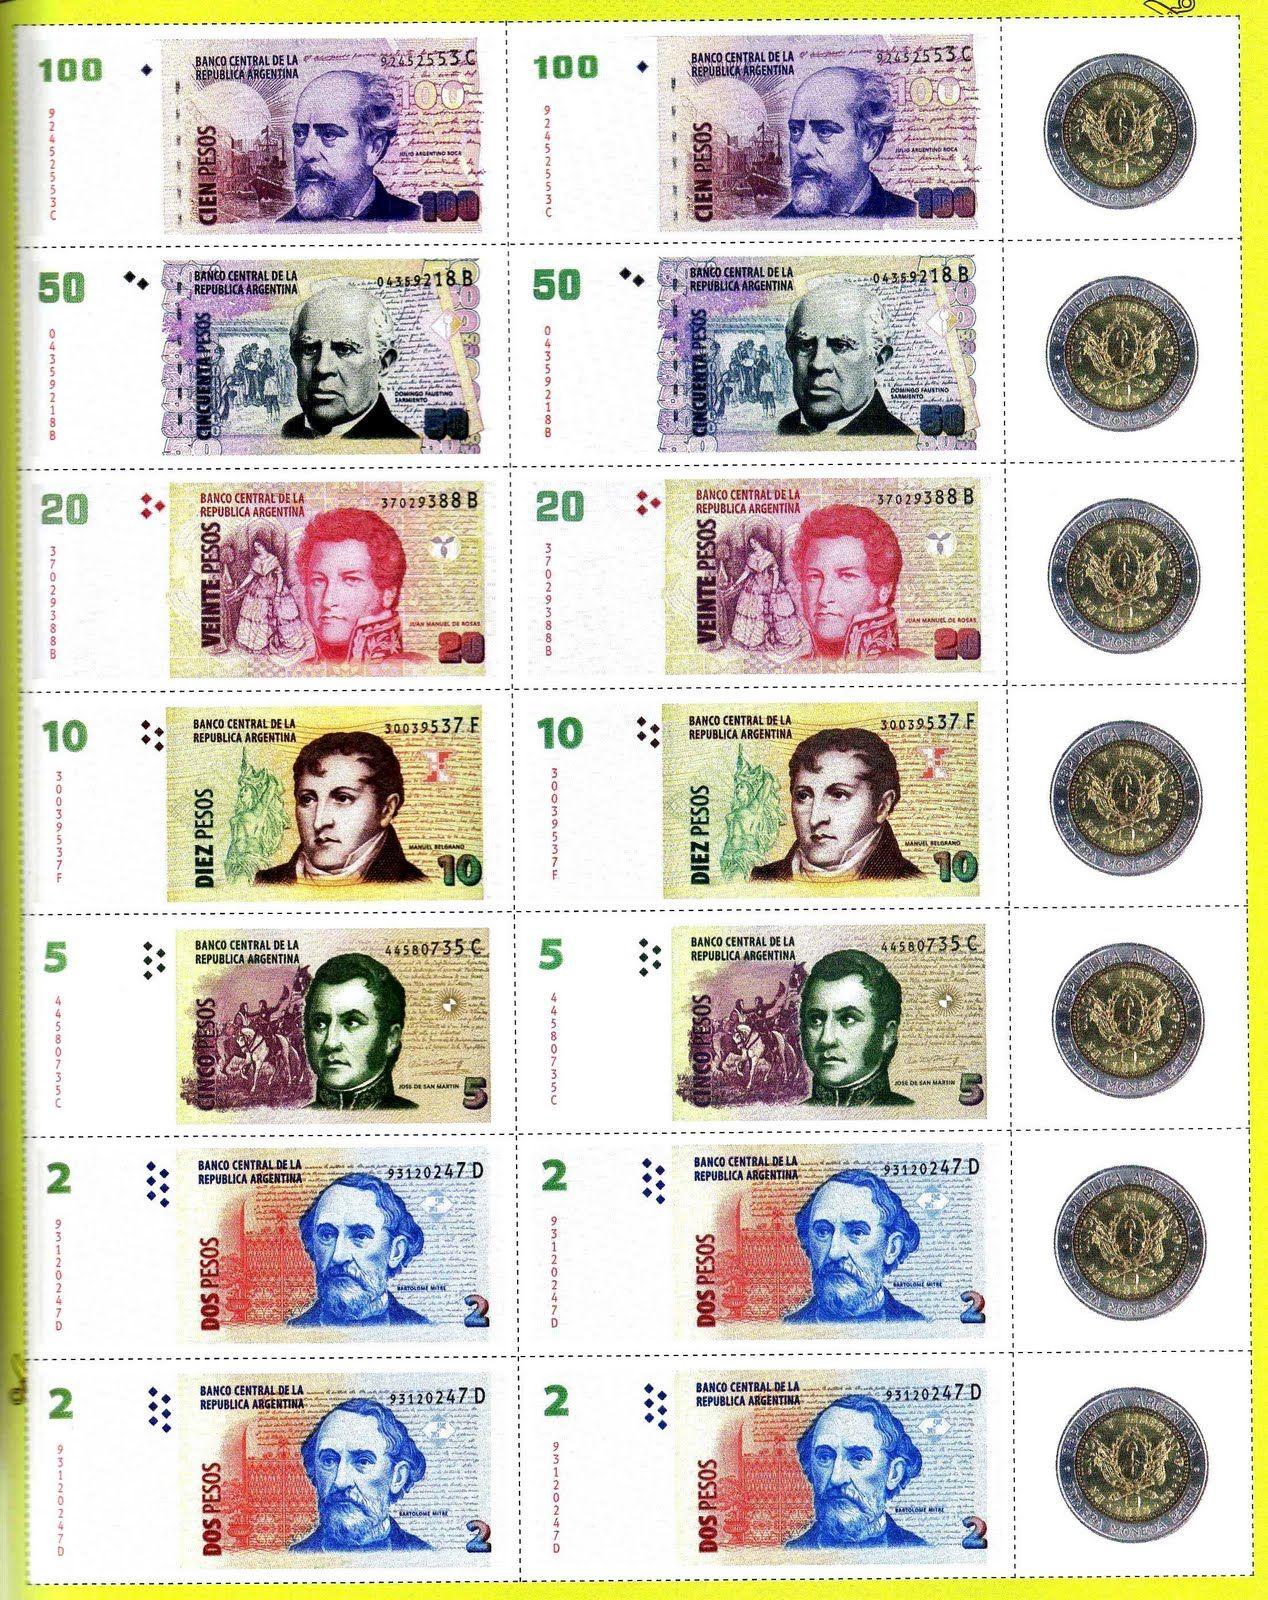 Pesos argentinos a mexicanos gratis en bonos Perú 919184